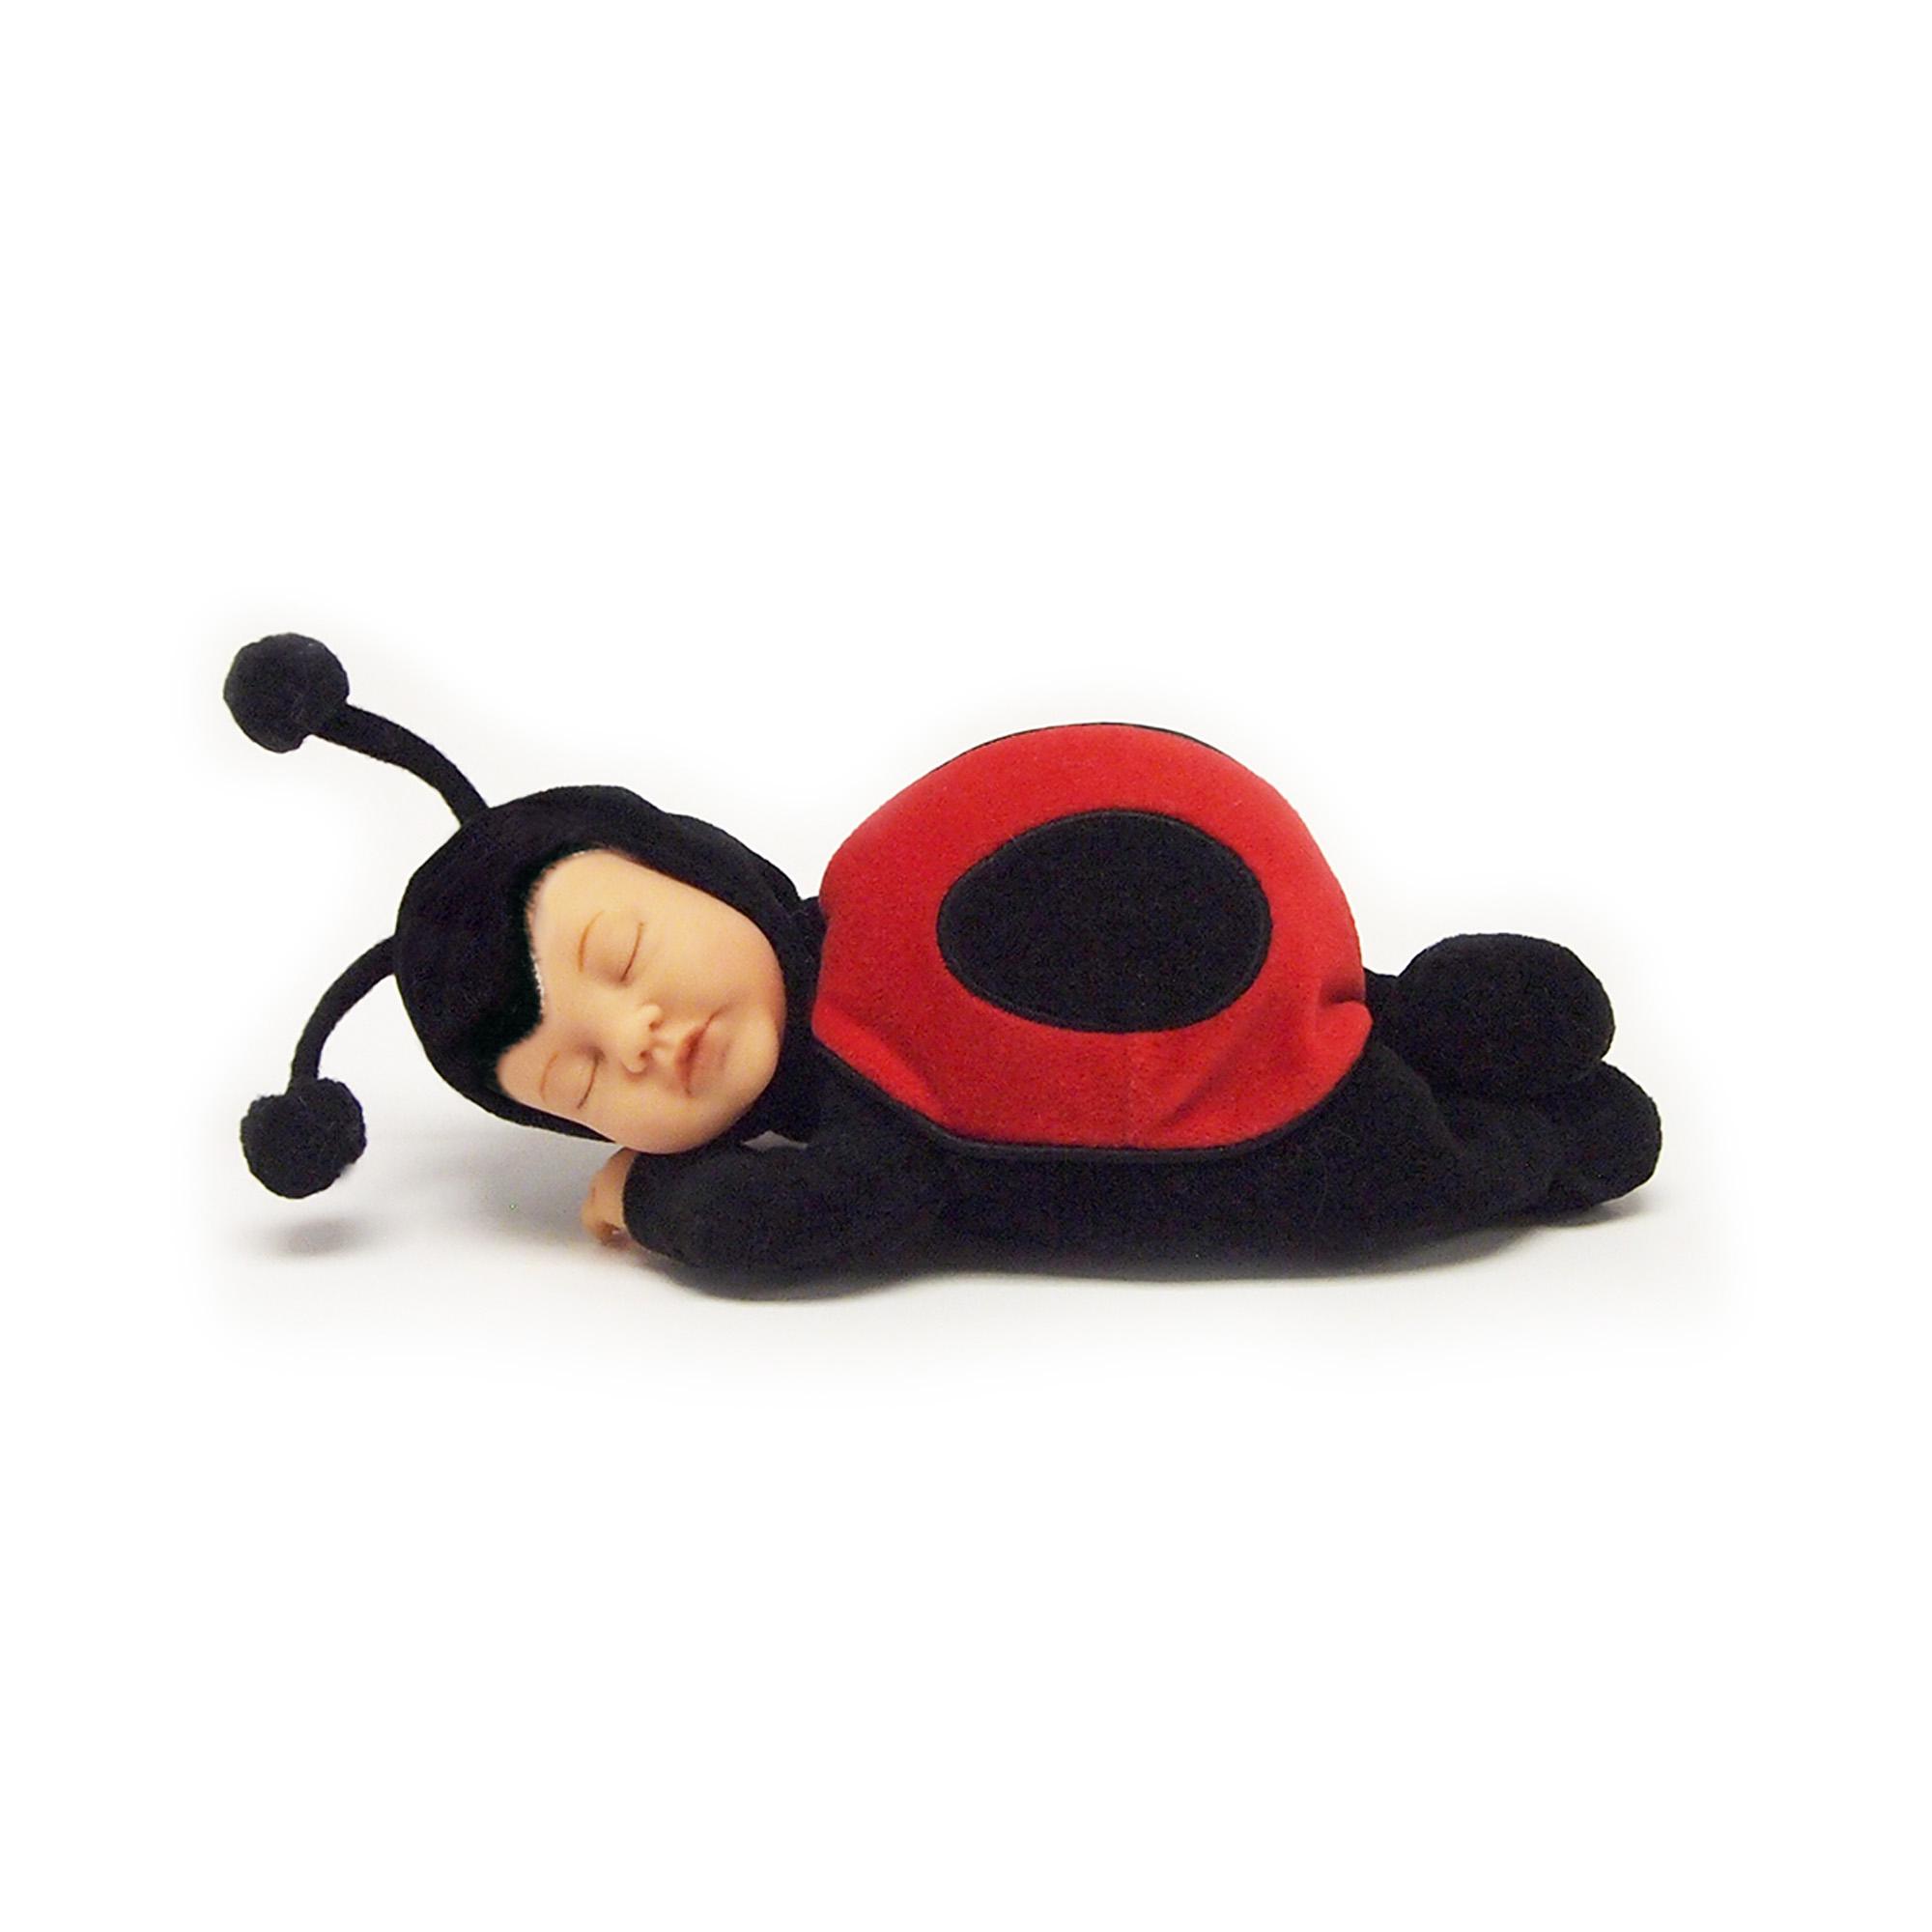 Baby Ladybug.JPG